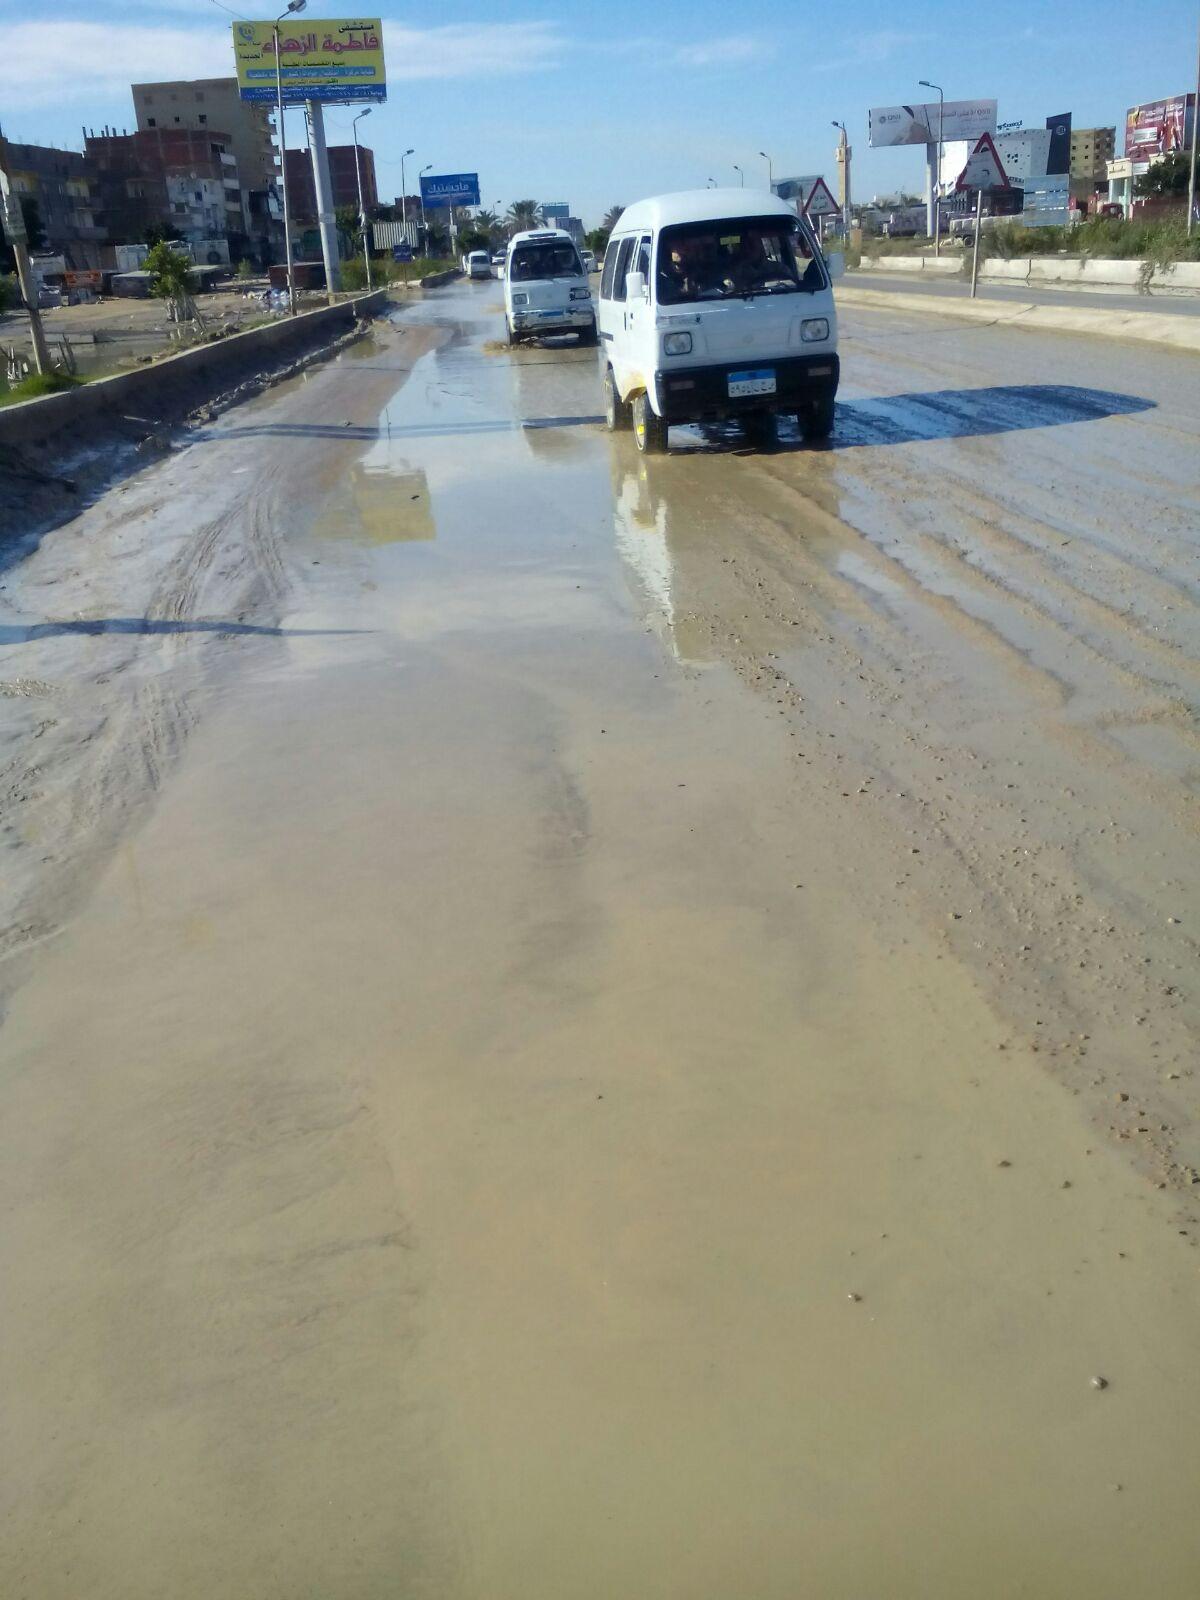 بالصور.. غرق مناطق على طريق الإسكندرية ـ مطروح في الصرف الصحي